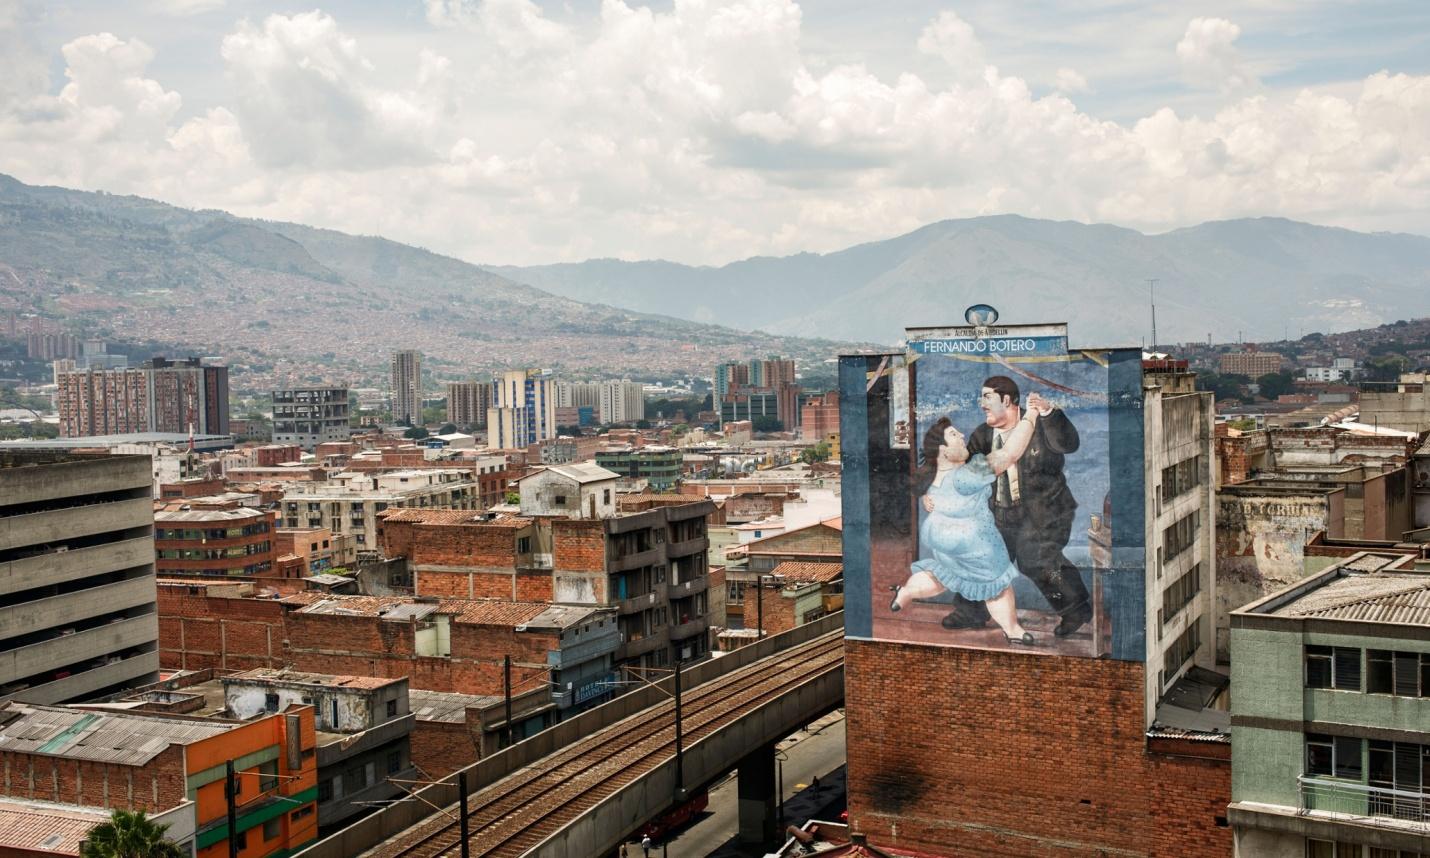 Medellin's amazing turn-around